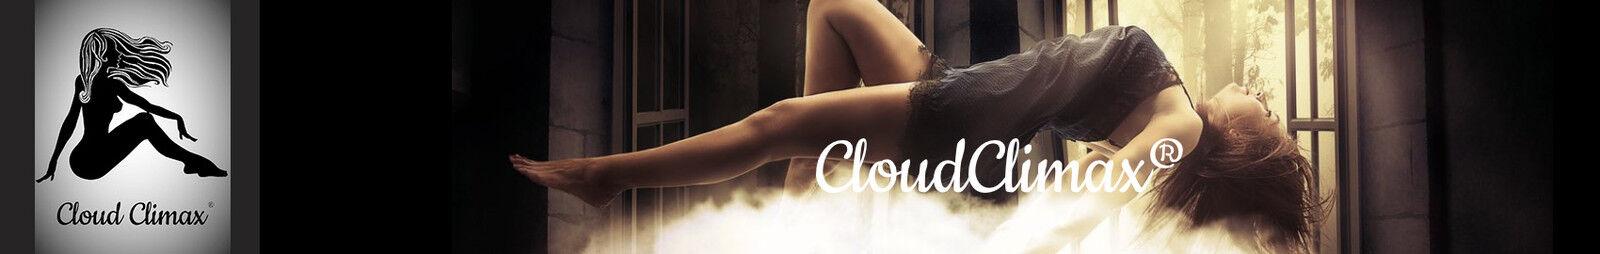 CloudClimax